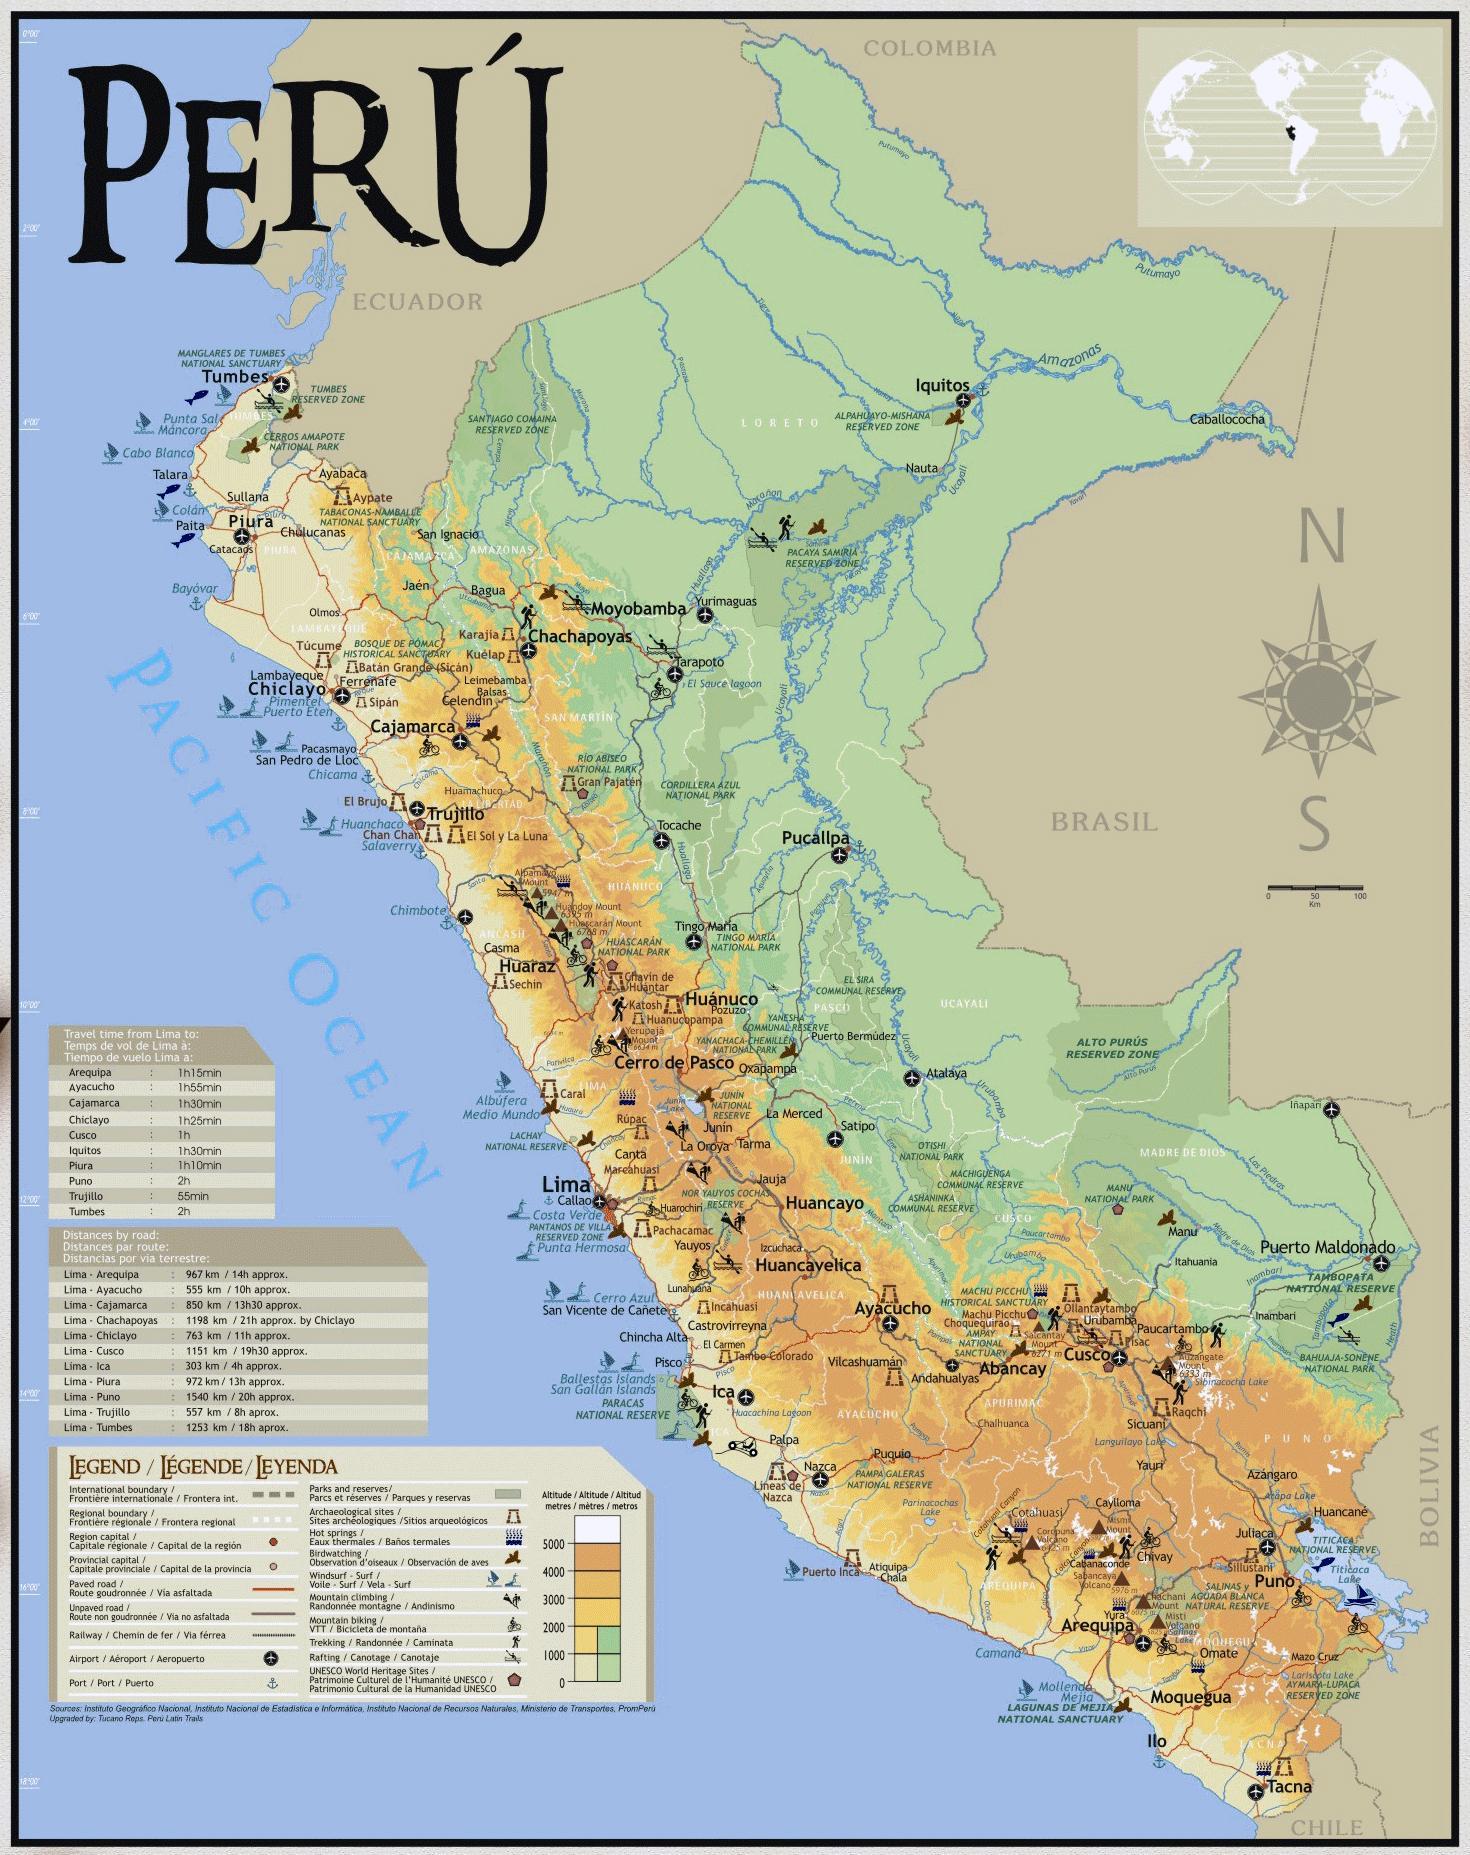 Peru travel map - Map of Peru travel (South America - Americas)